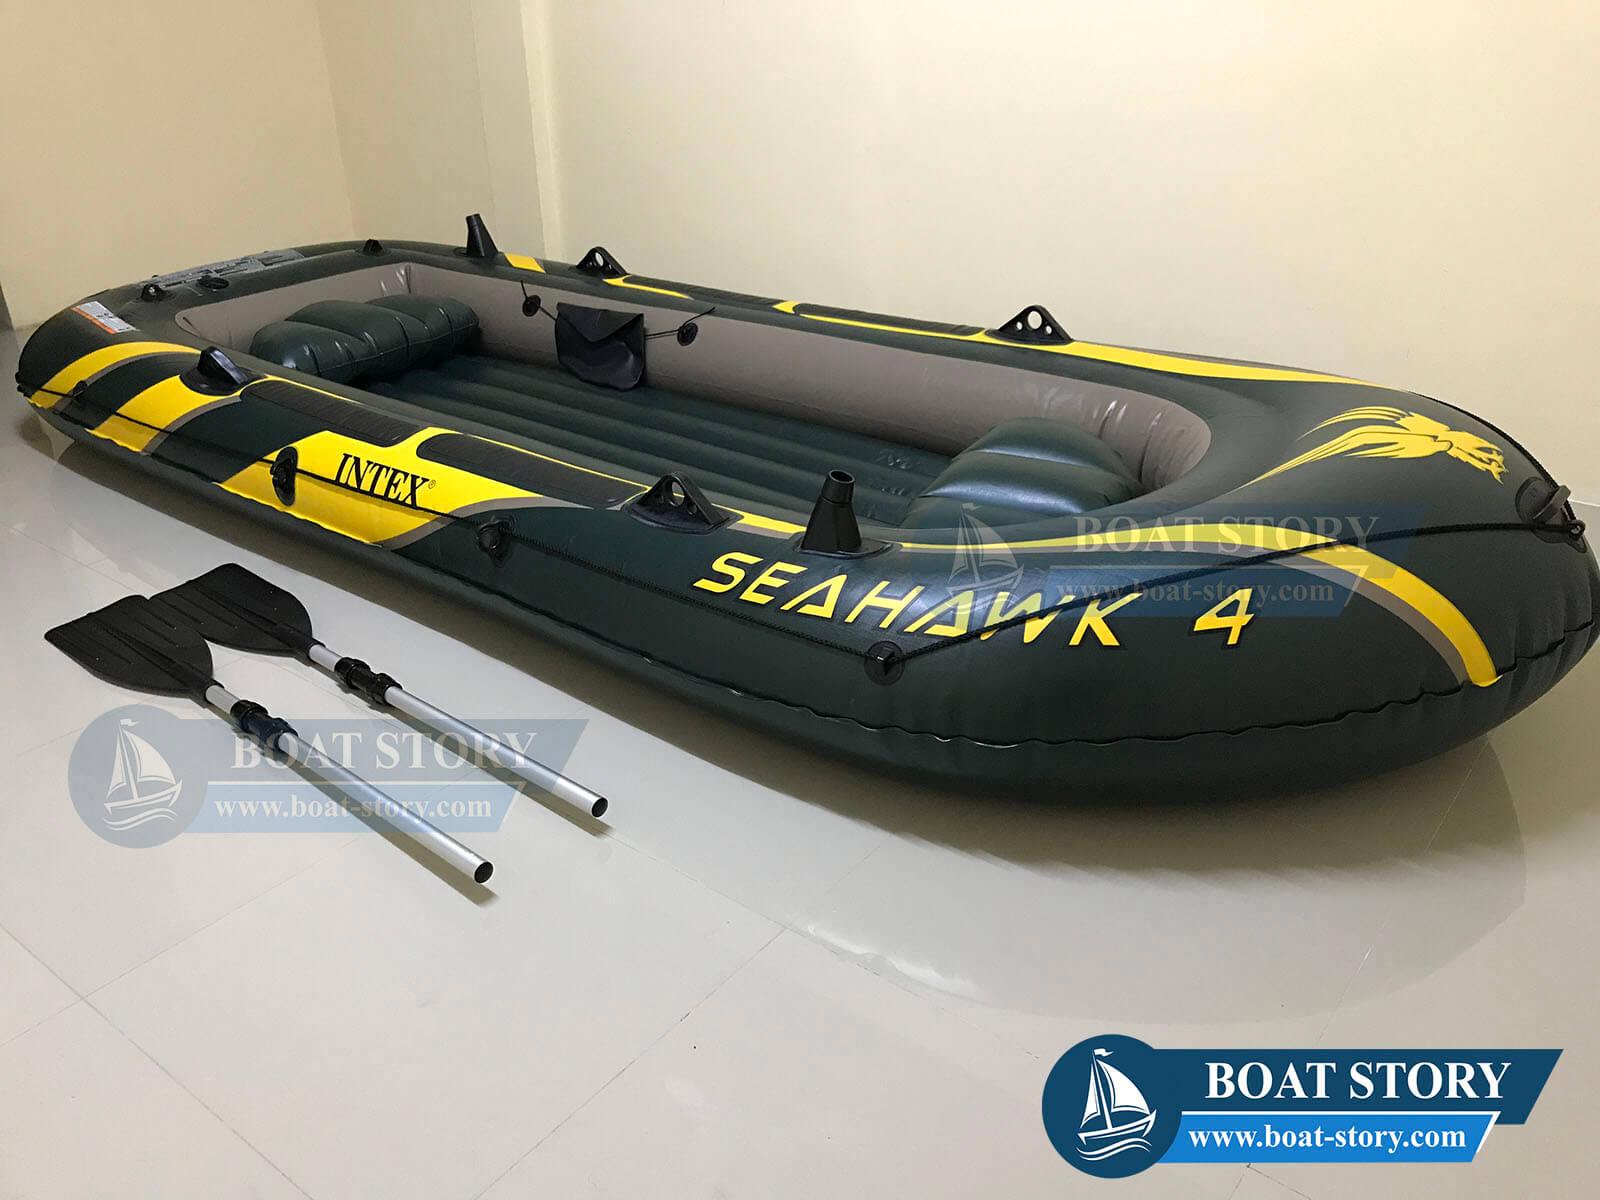 อุปกรณ์เรือยาง Seahawk 4 intex 099